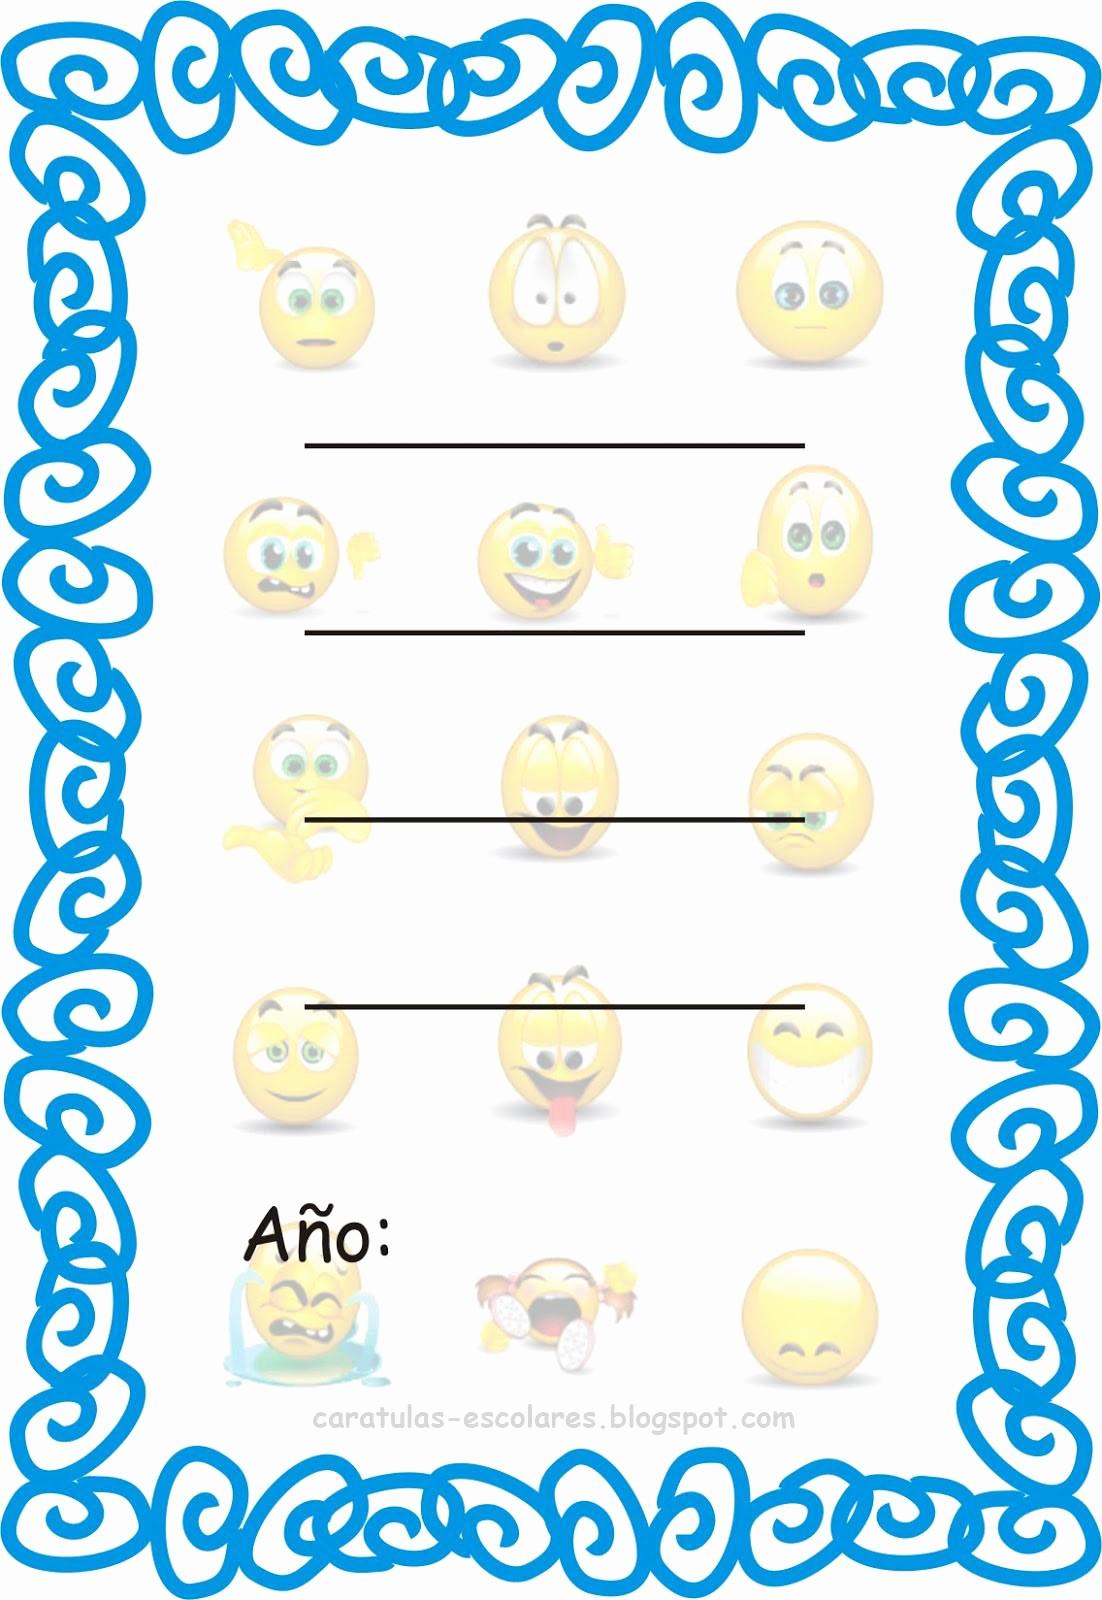 Portada De Un Trabajo Escolar Inspirational Caratulas Escolares Emoticones De Internet